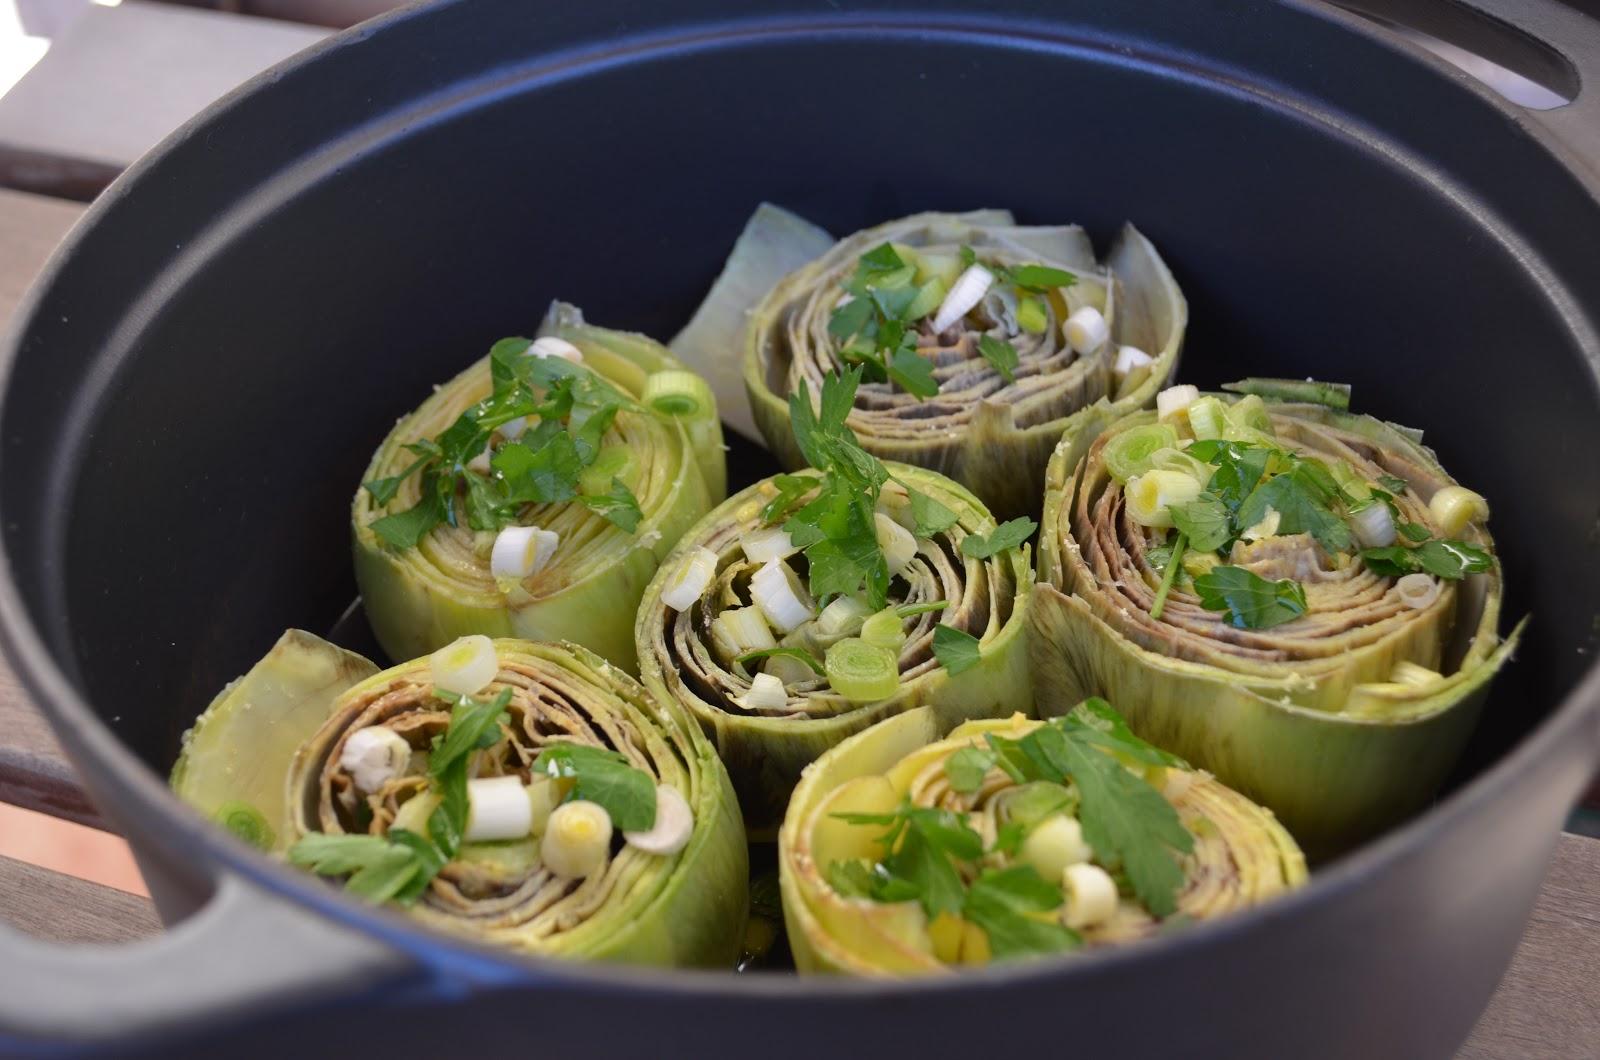 Cocinar con c alcachofas con ajos tiernos for Cocinar alcachofas